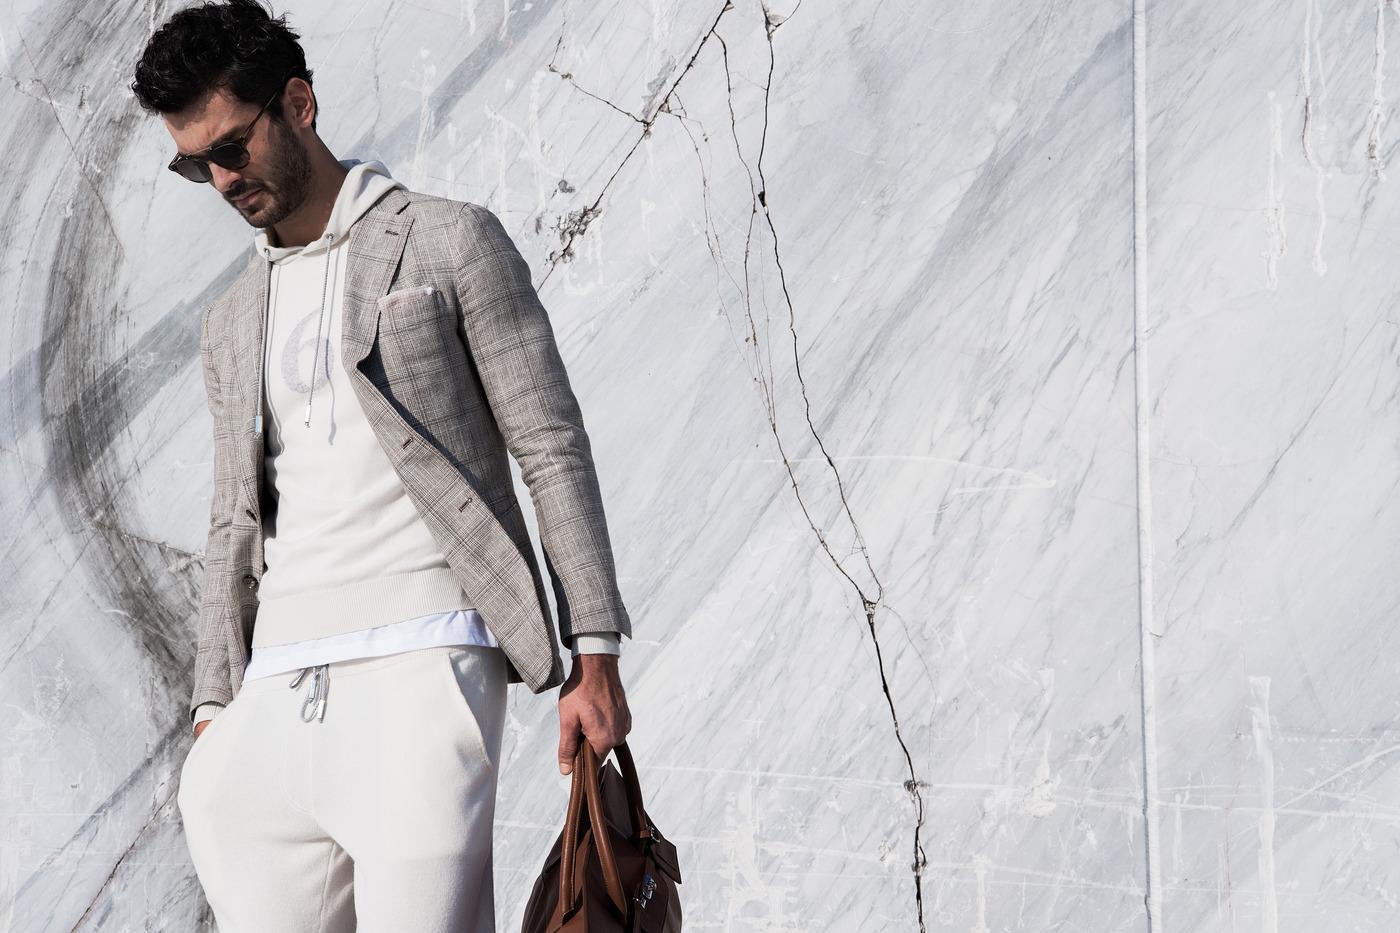 f5909335bf1a Посредством слияния нескольких жанров, Eleventy дает новое толкование  классическому костюму, представляя новый образ casual костюма с джоггерами  со ...